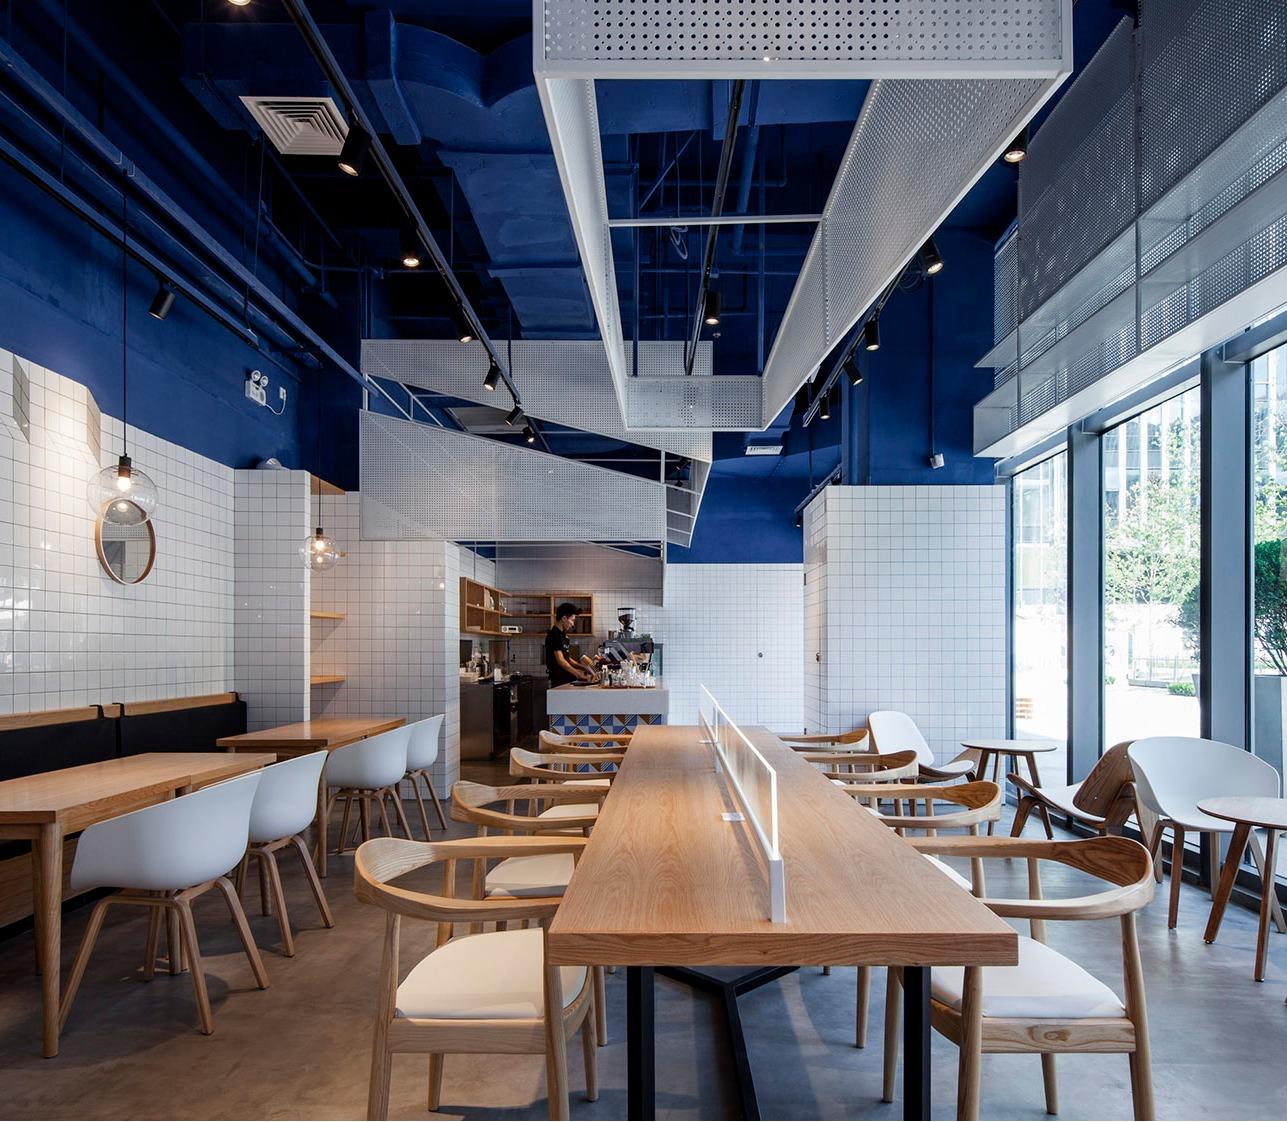 奶茶店网红店打卡点公装空间装修设计连锁餐饮店面形象效果设计